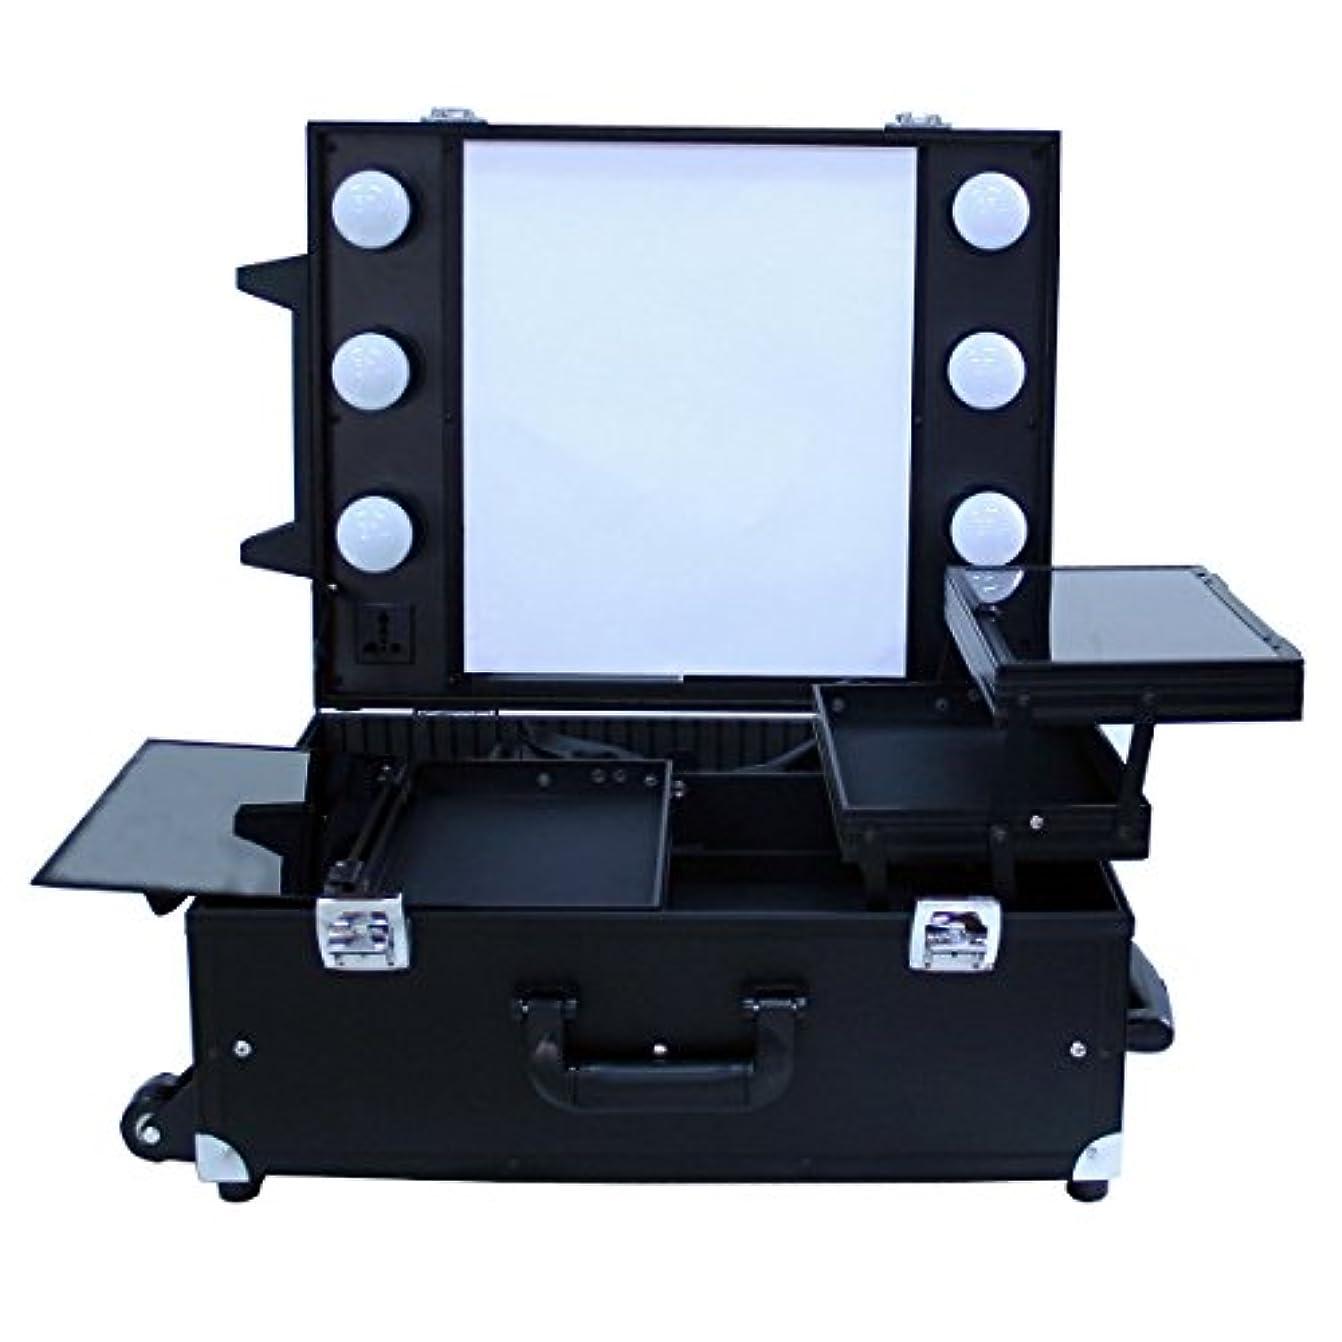 可愛いサーキットに行く奴隷プロ用卓上式メイクステーション|DB9552K|コスメボックス|メイク用品の収納に|Desktop Make station (ブラック)